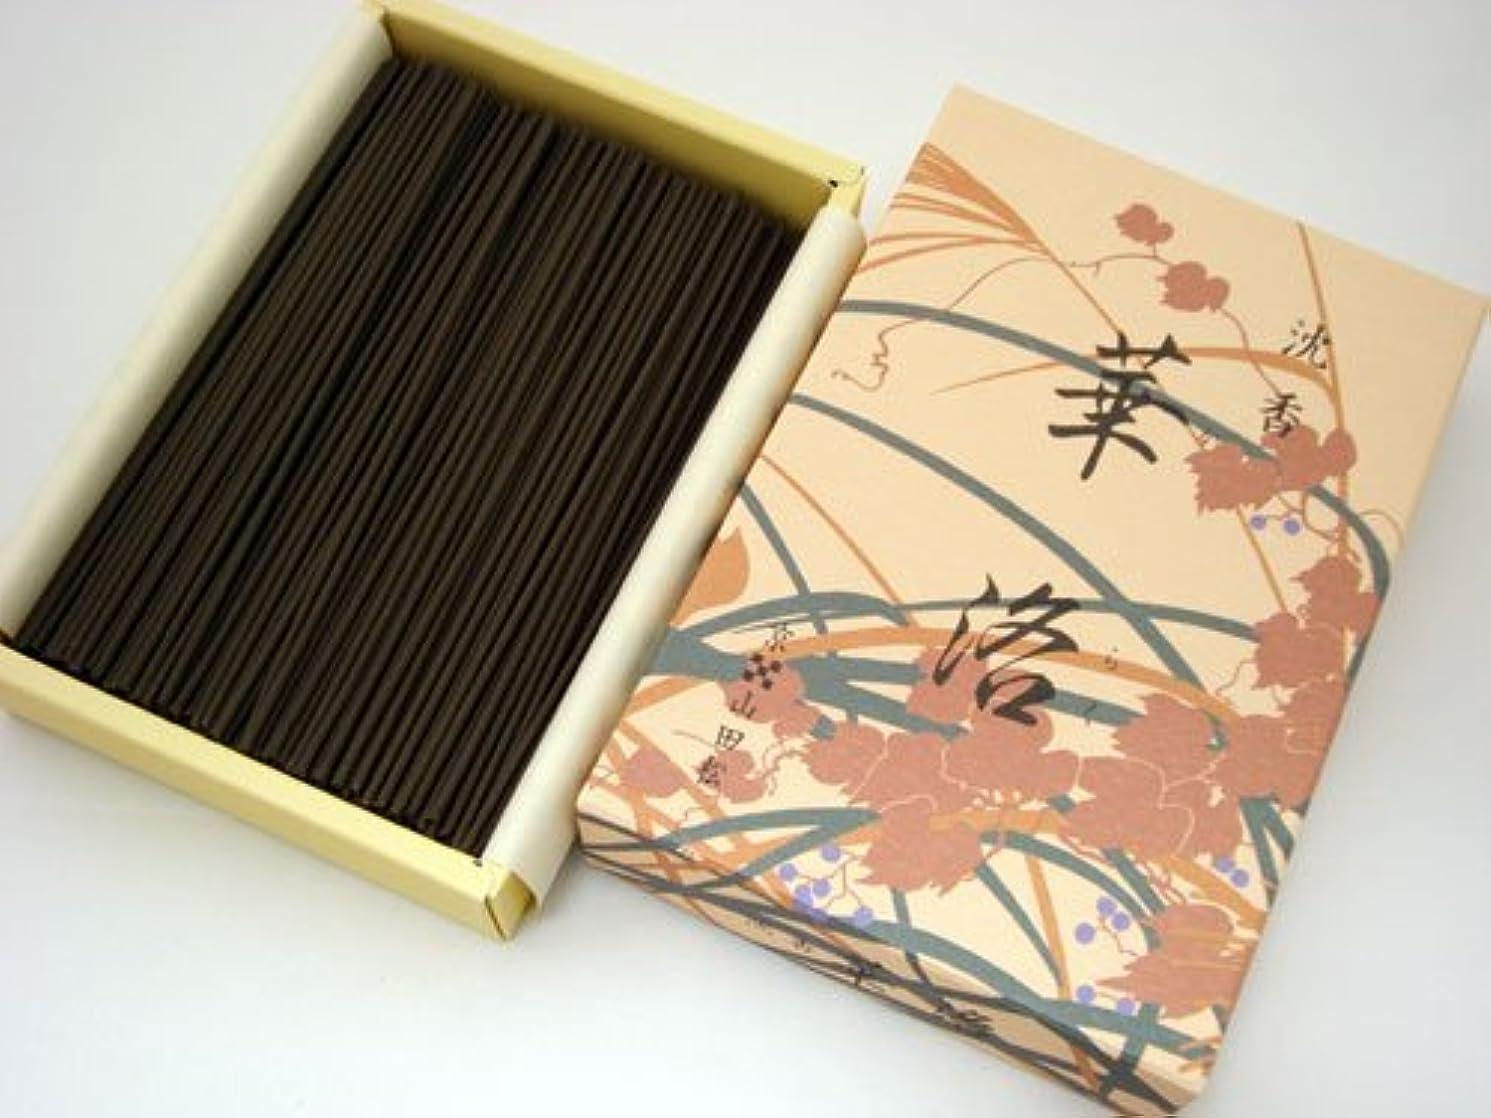 外出物語怠感山田松の線香 【沈香 華洛(からく)】 バラ詰 大箱